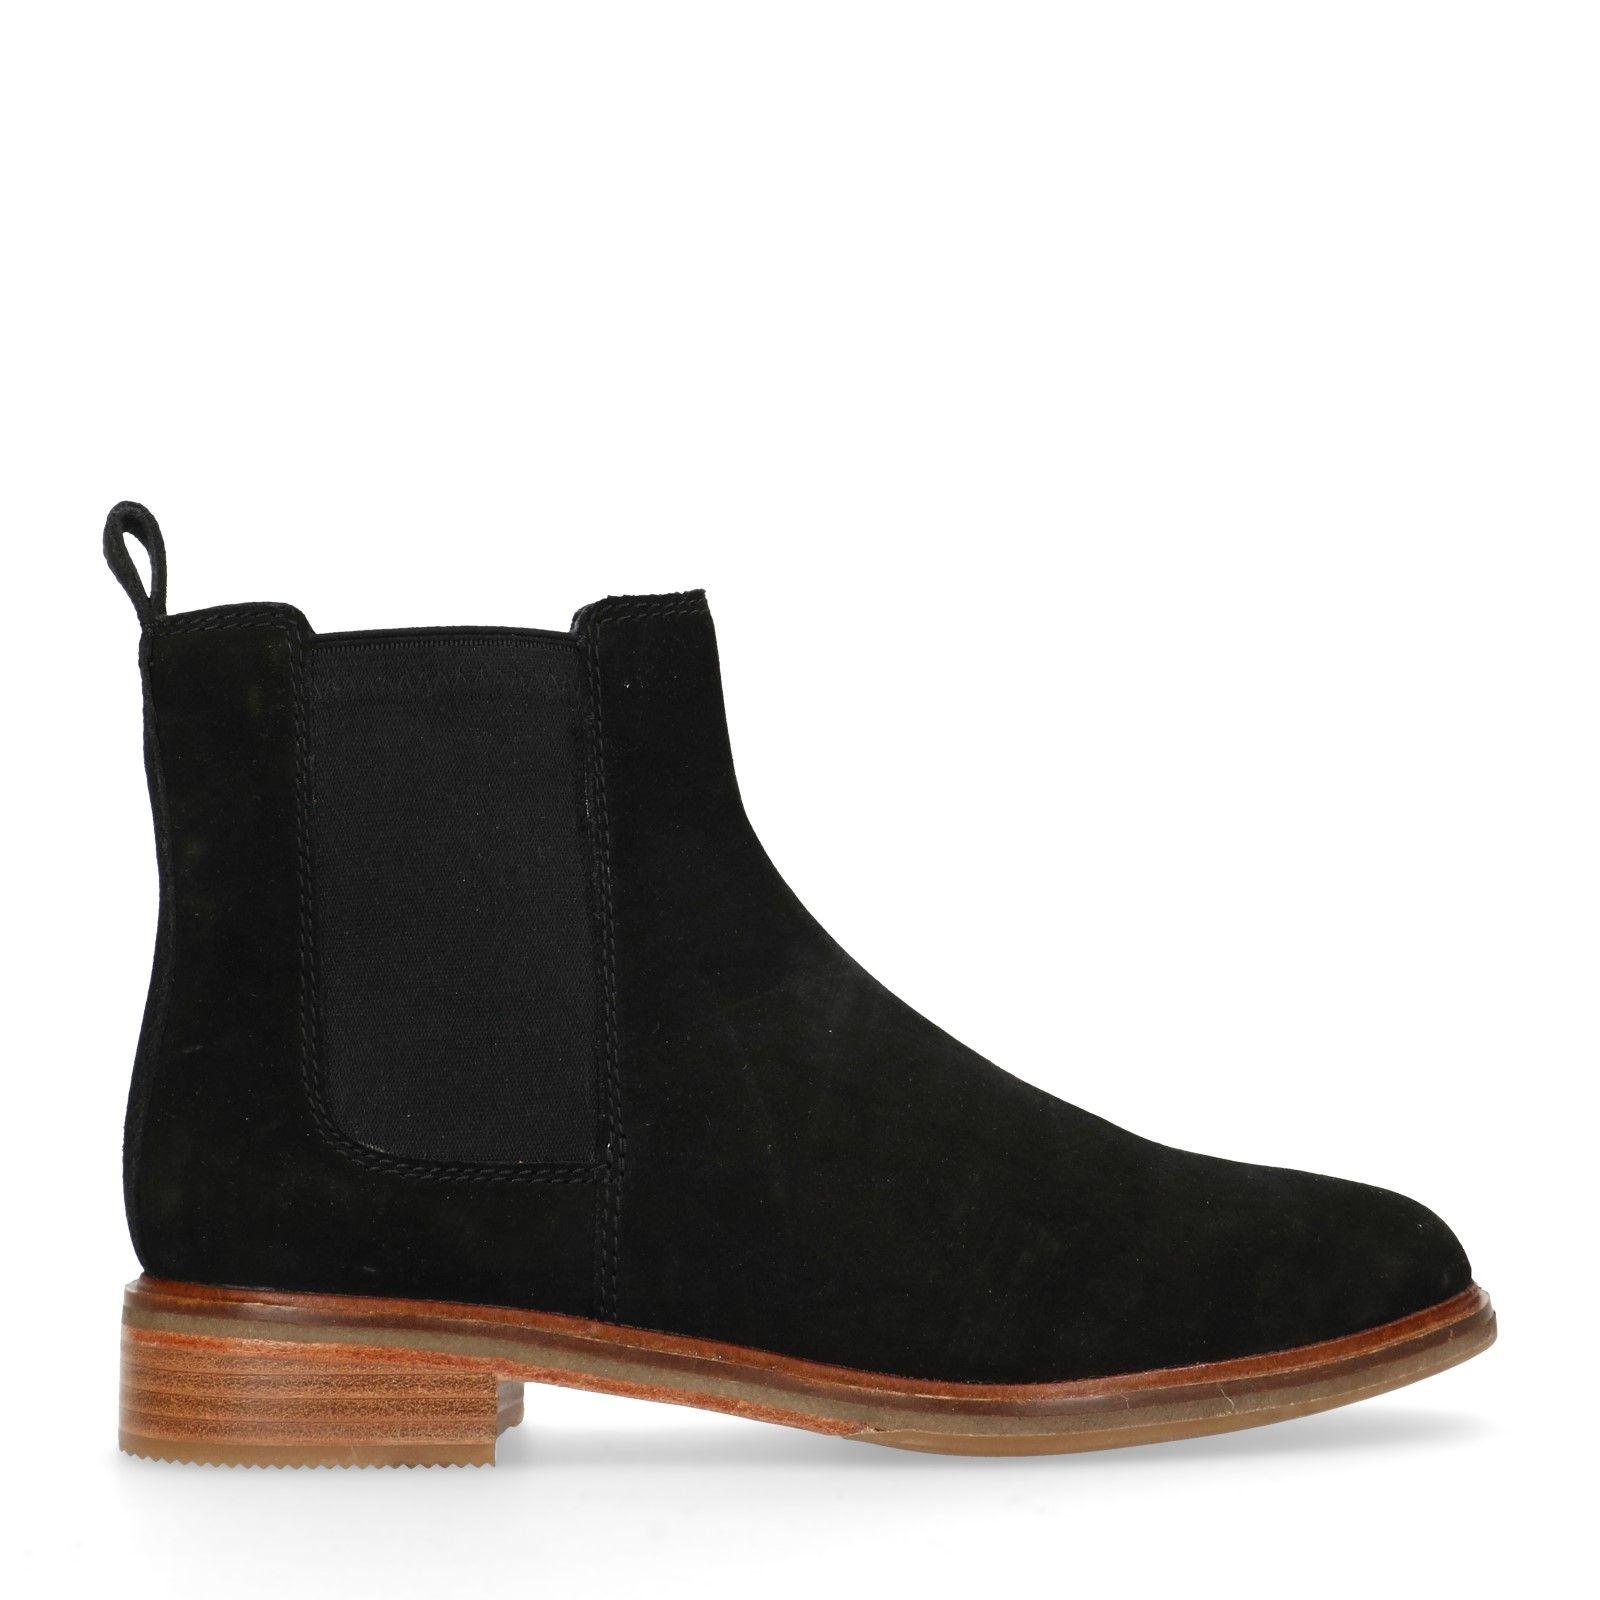 Suède chelsea boots Arlo Dames | MANFIELD